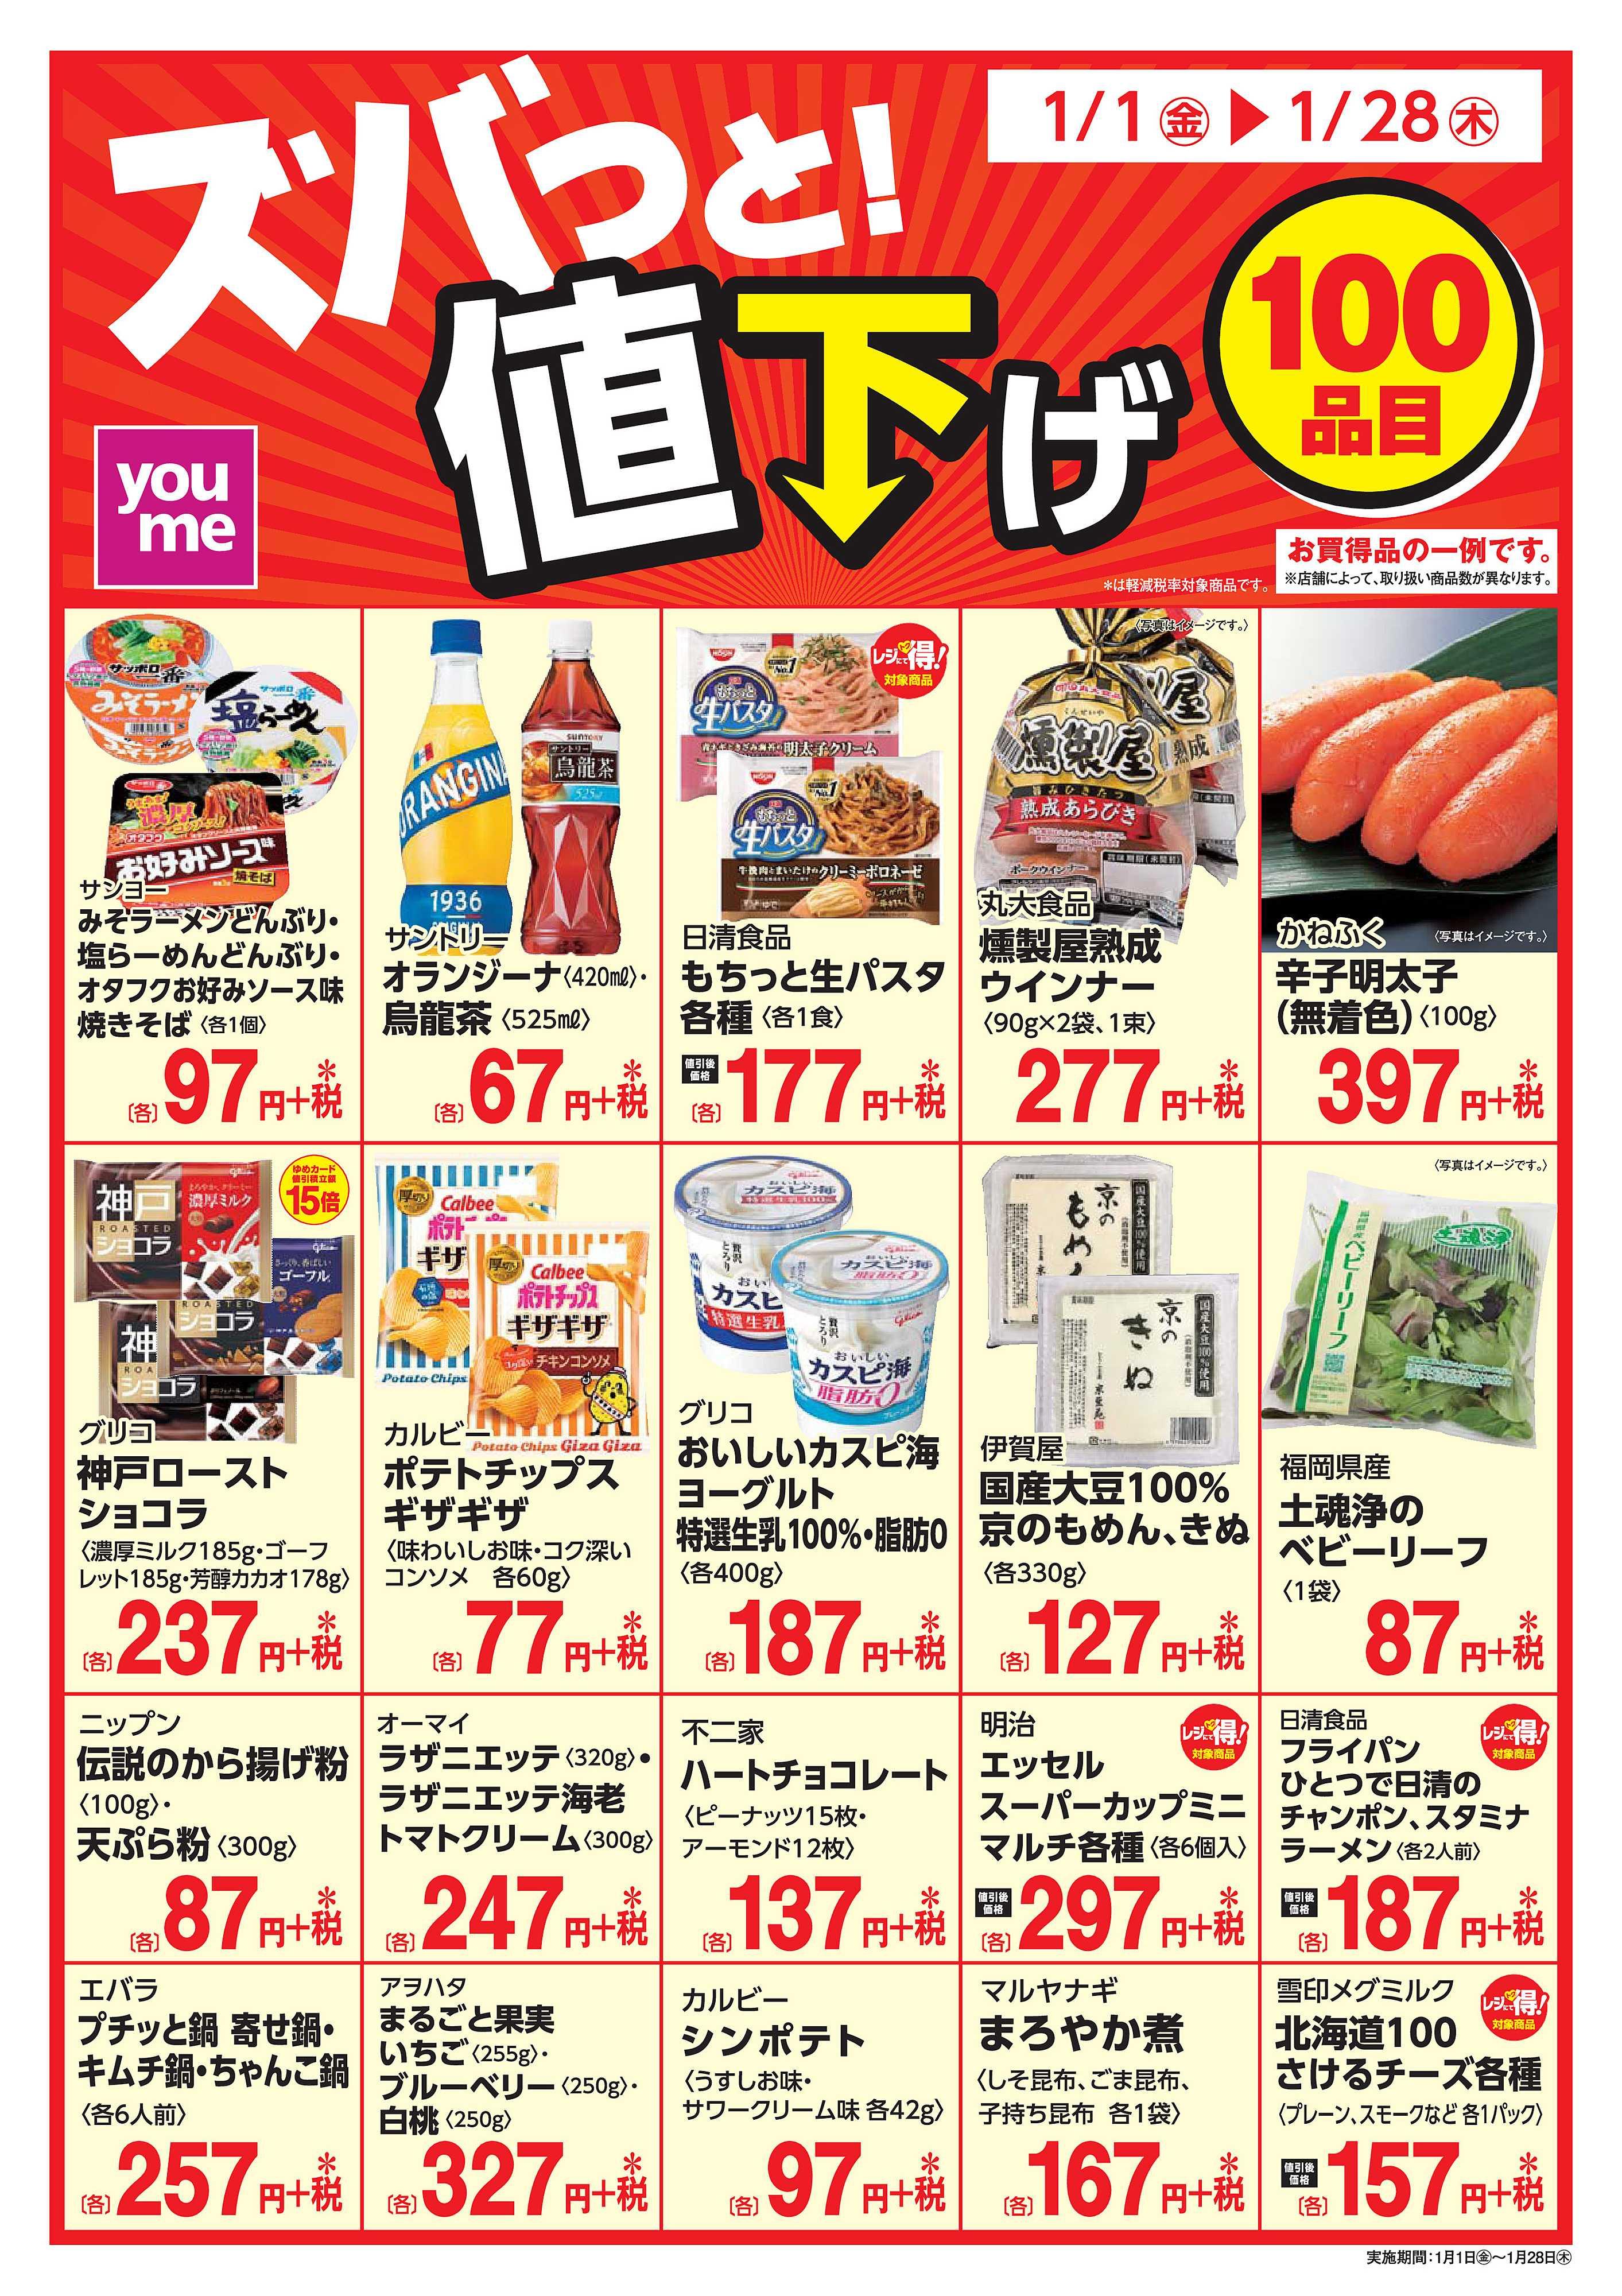 ゆめタウン 1/1~1/28 ズバっと!値下げ